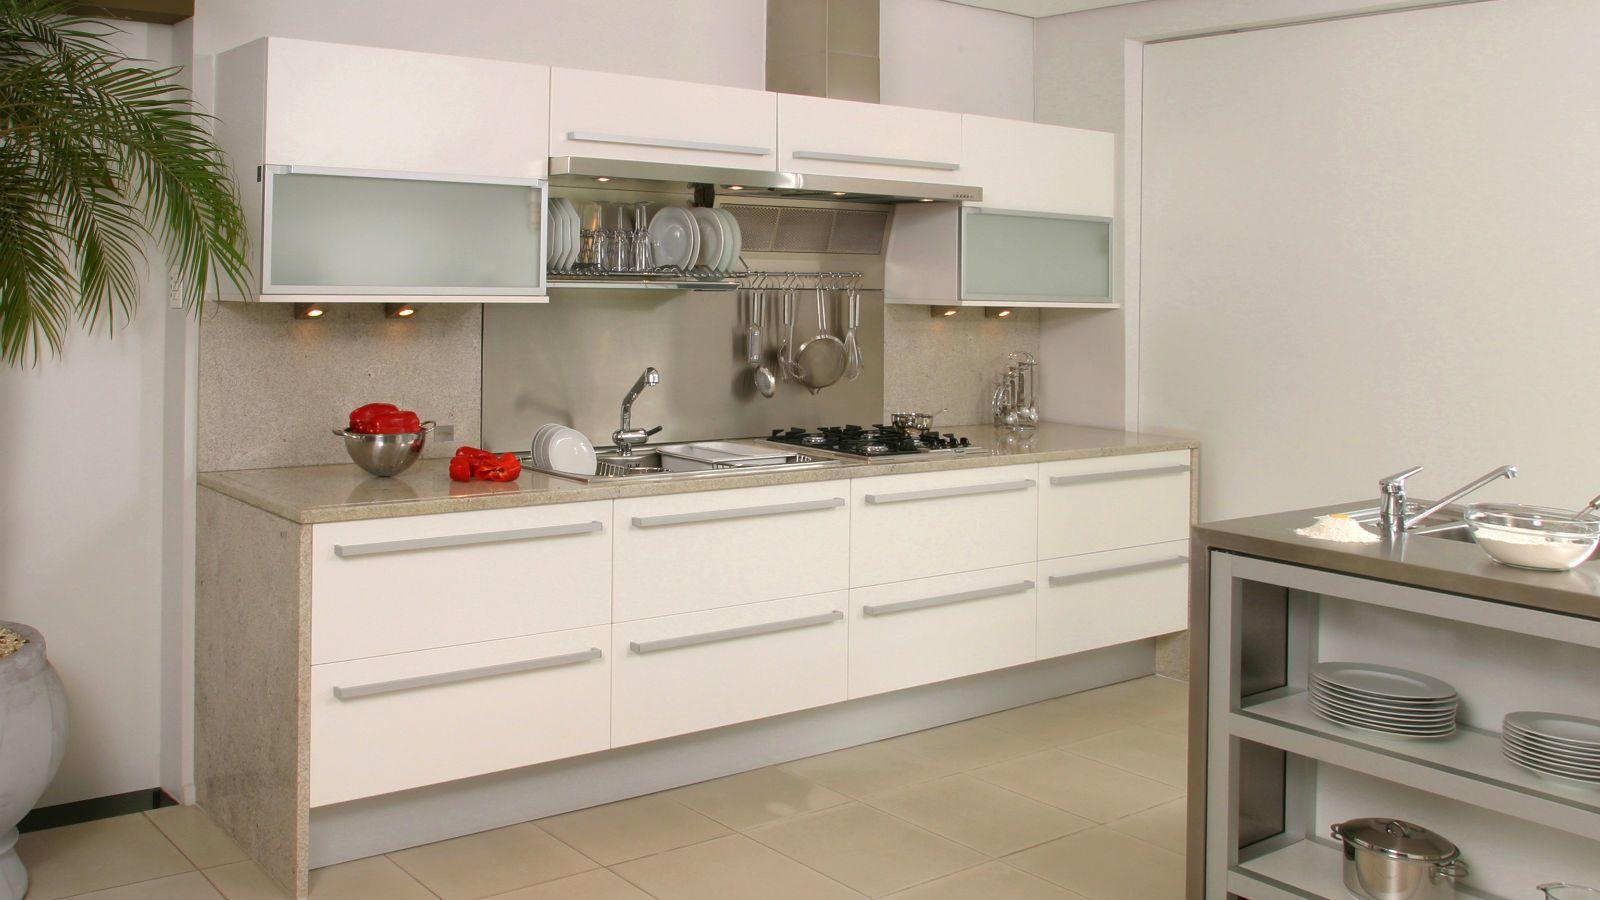 Organizzare la cucina: cinque consigli pratici | Ville&Casali